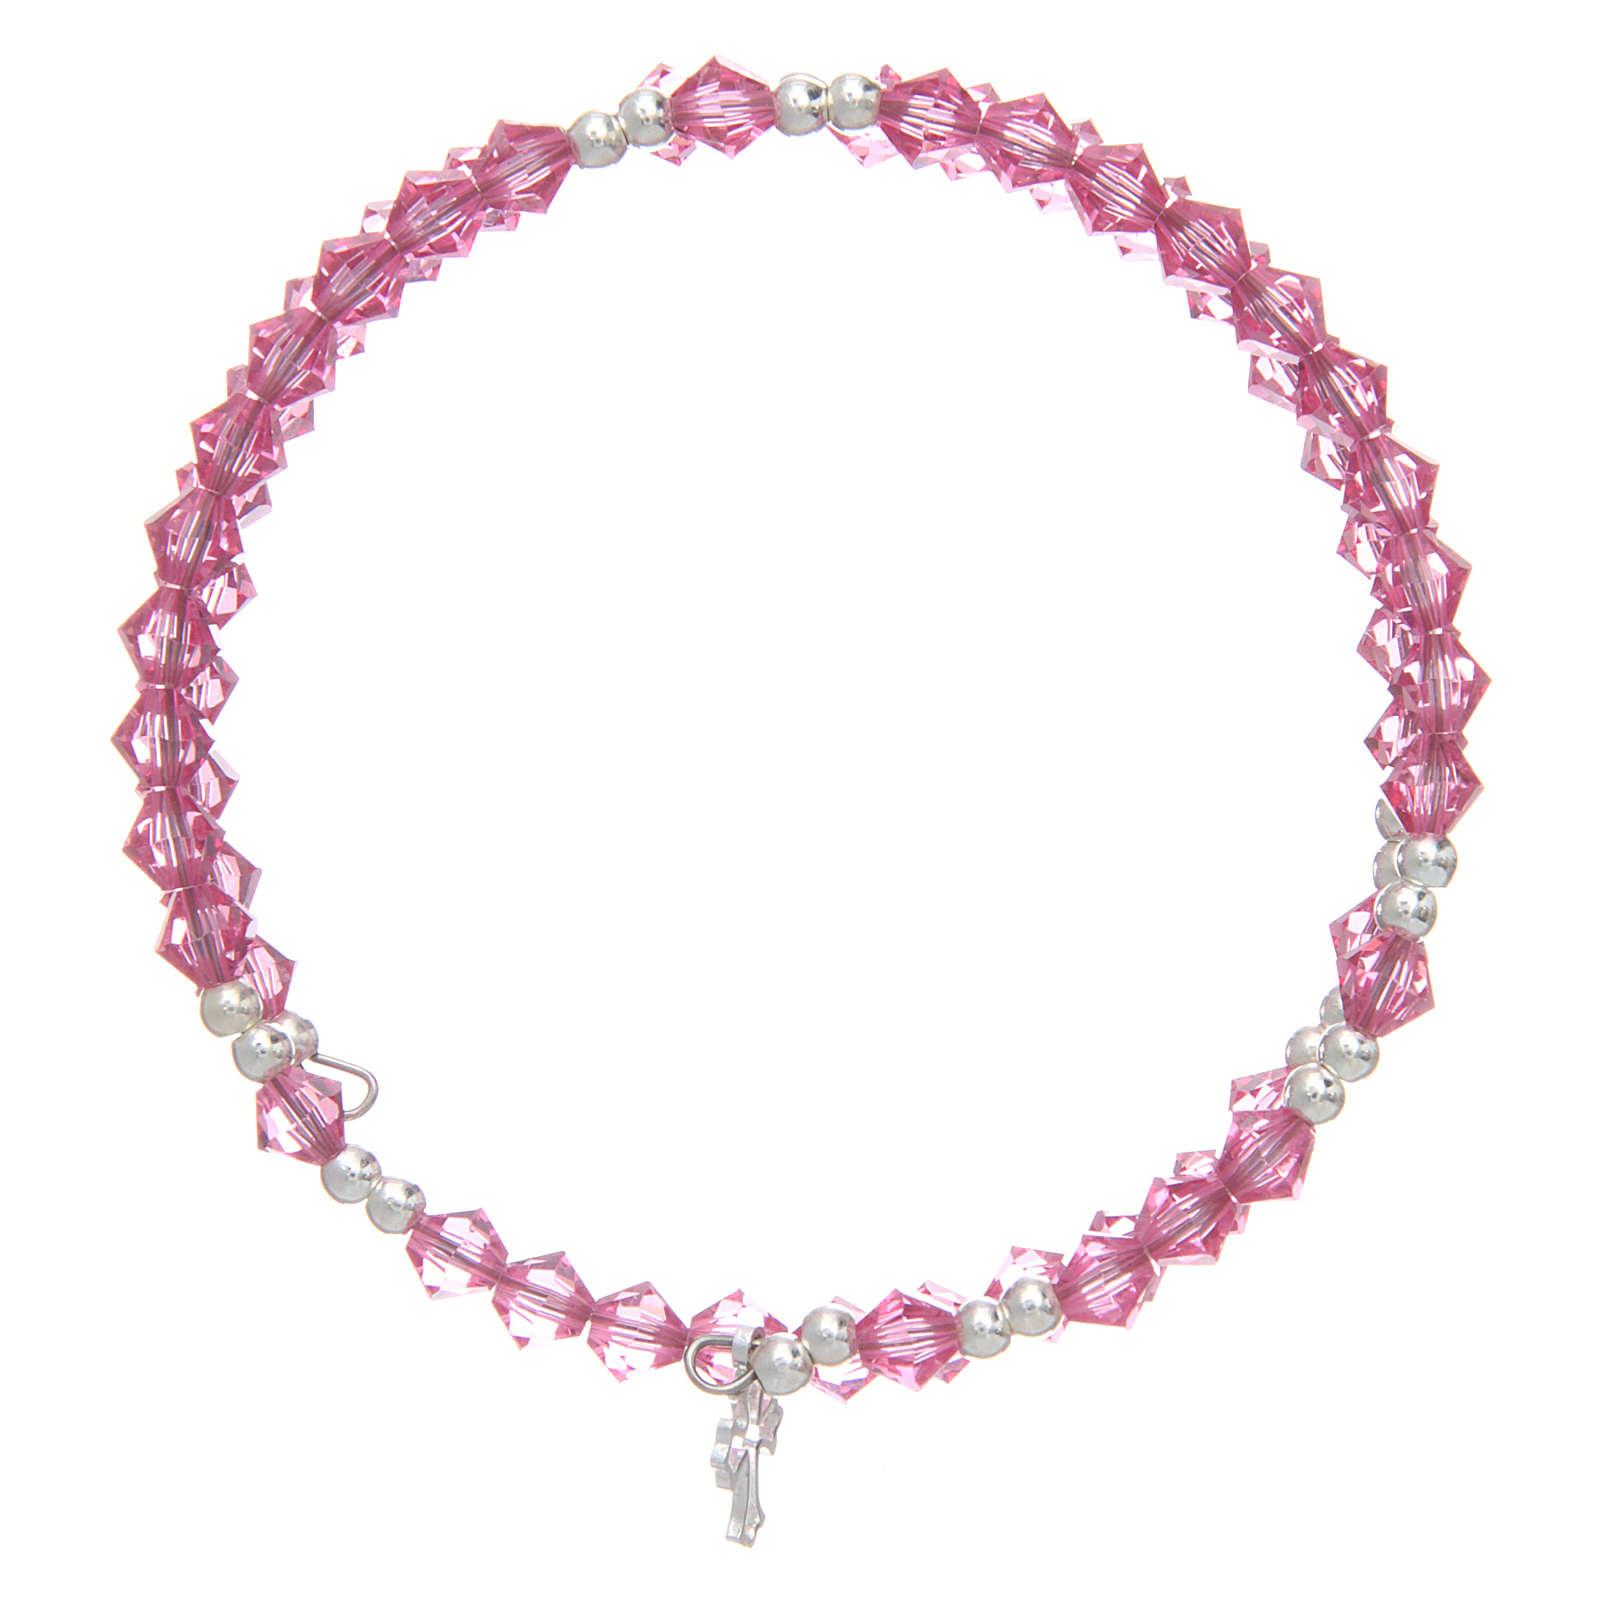 Pulsera en espiral de cristales Swarovski rosa 4